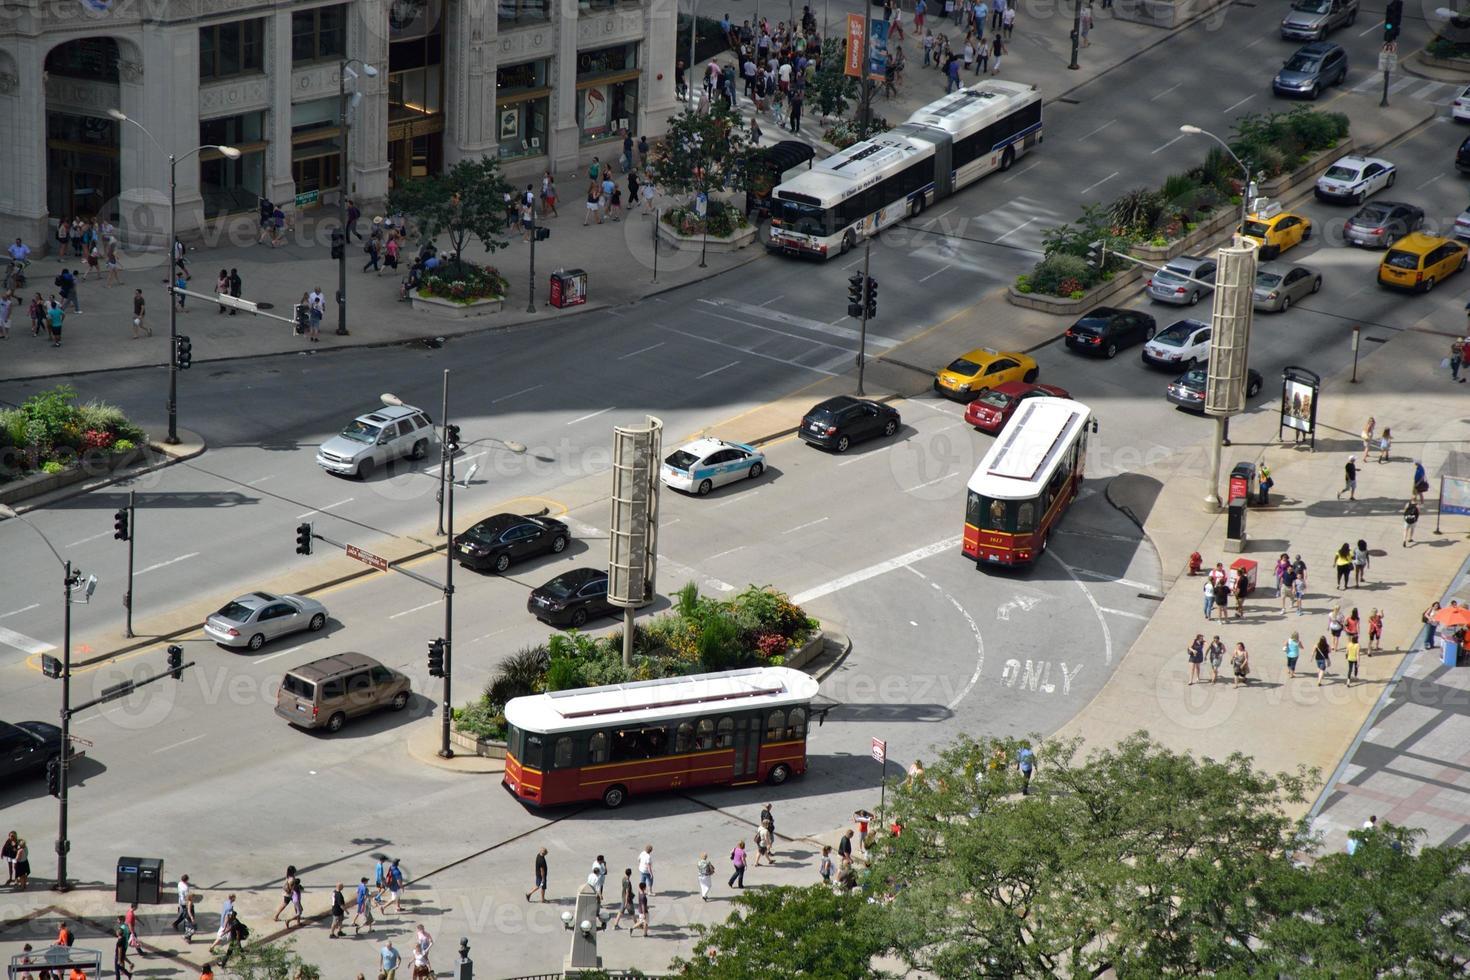 rue animée de la ville photo